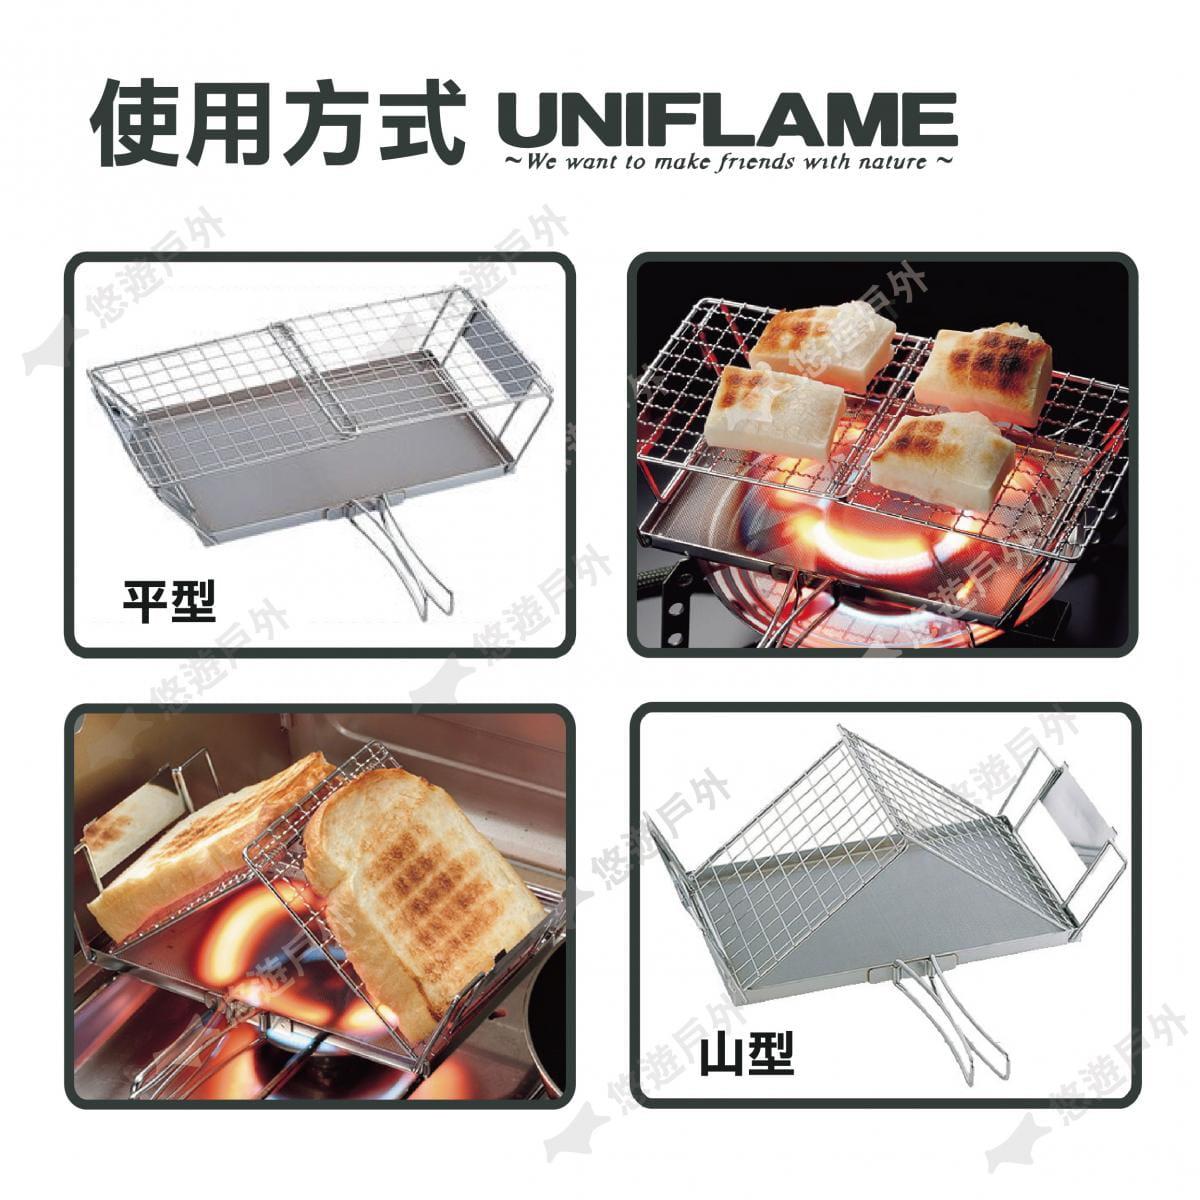 【悠遊戶外】UNIFLAME烤土司架 3